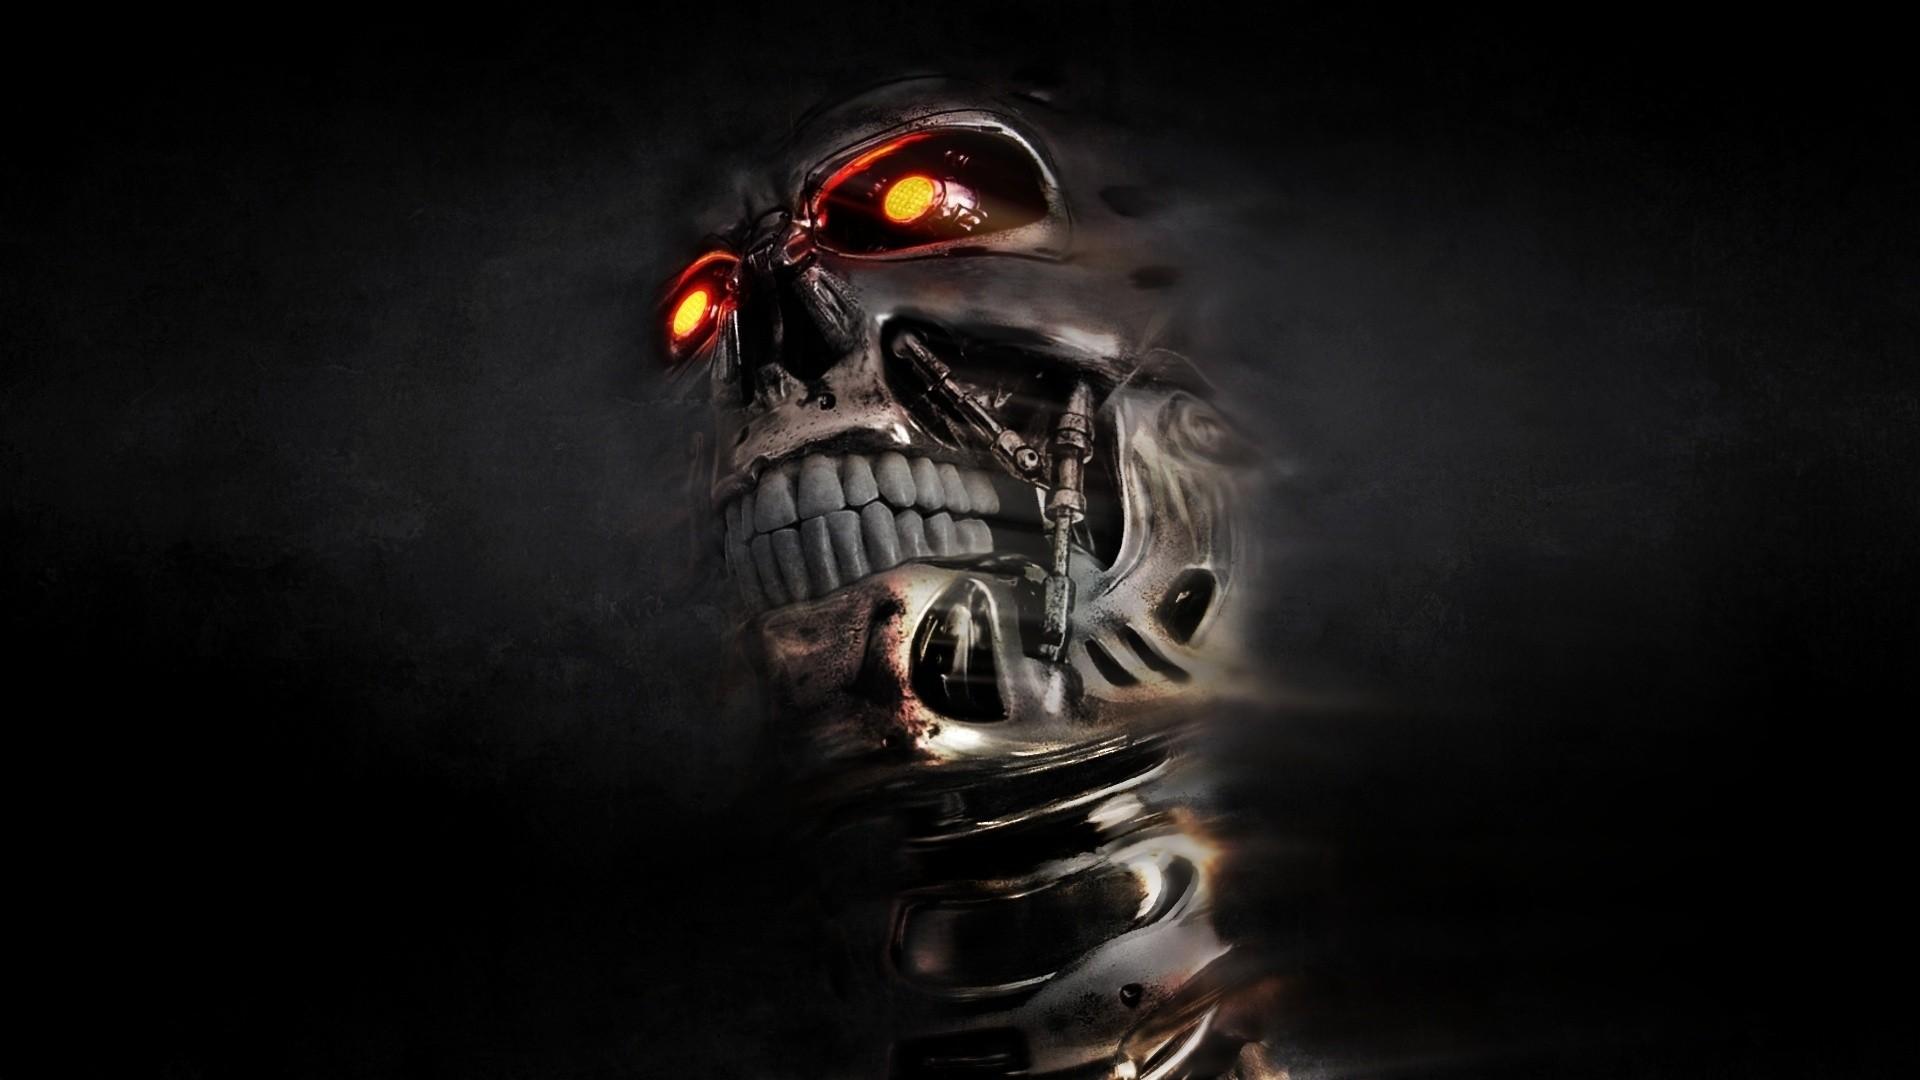 10 New Horror Movie Wallpaper Hd Full Hd 1920 1080 For Pc: Dangerous HD Wallpaper Smoke Skull (57+ Images